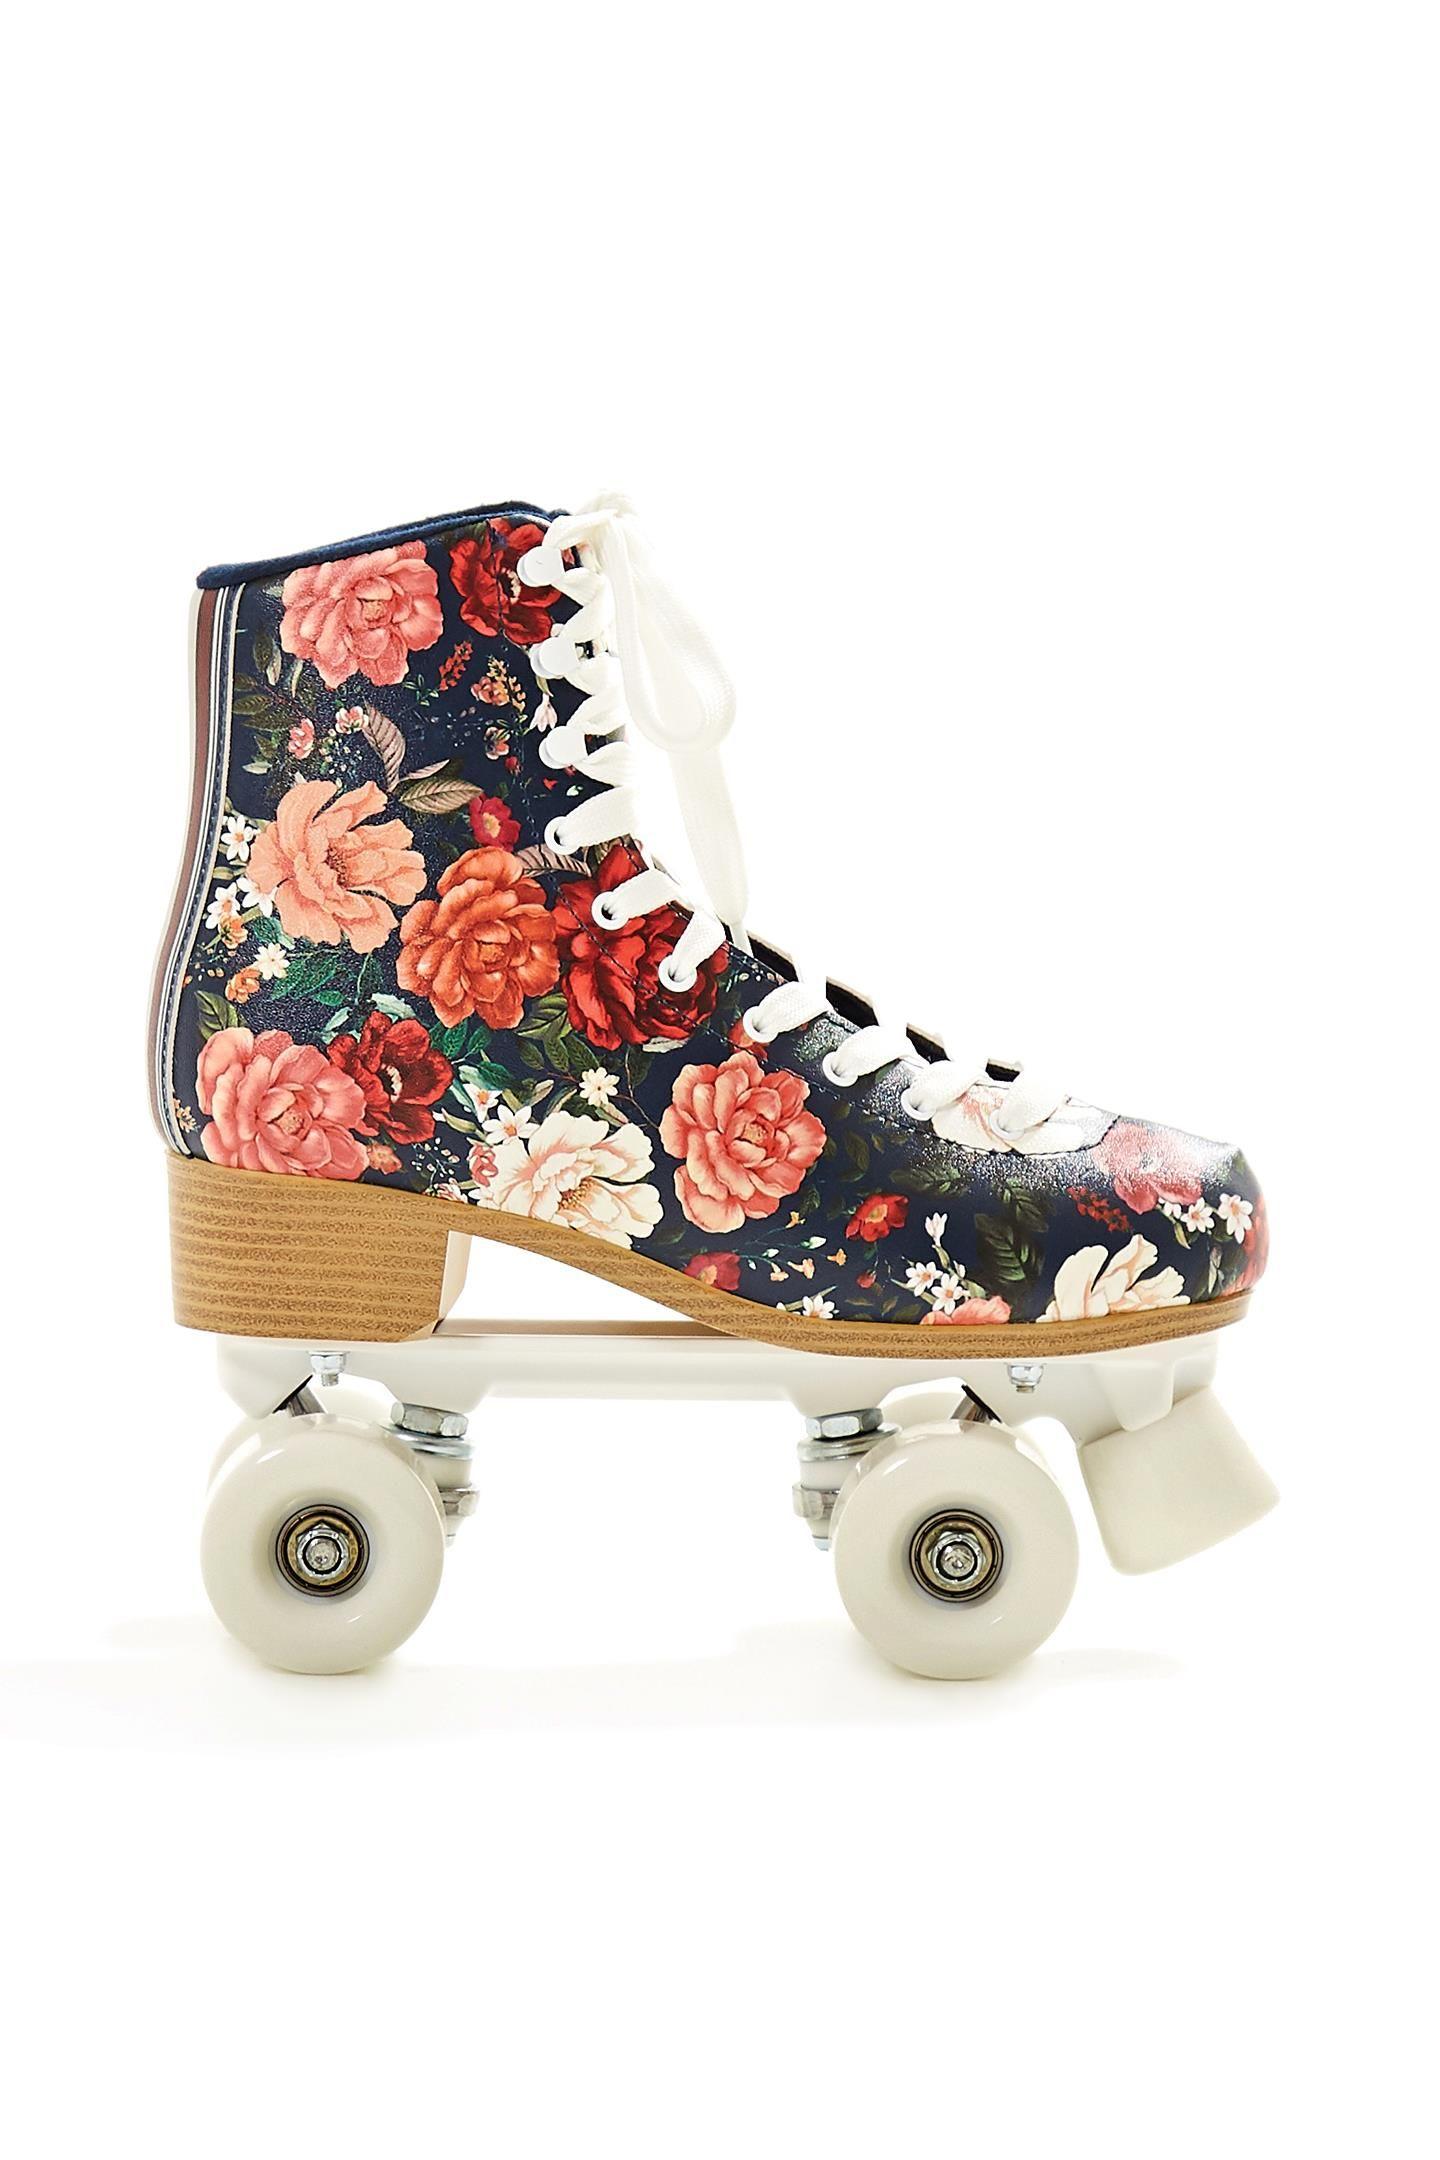 Patins vintage  conheça o modelo da Antix e saiba aonde comprar!   Fashion  News!   Pinterest   Roller skating, Skater girls e Skate surf e25216d535